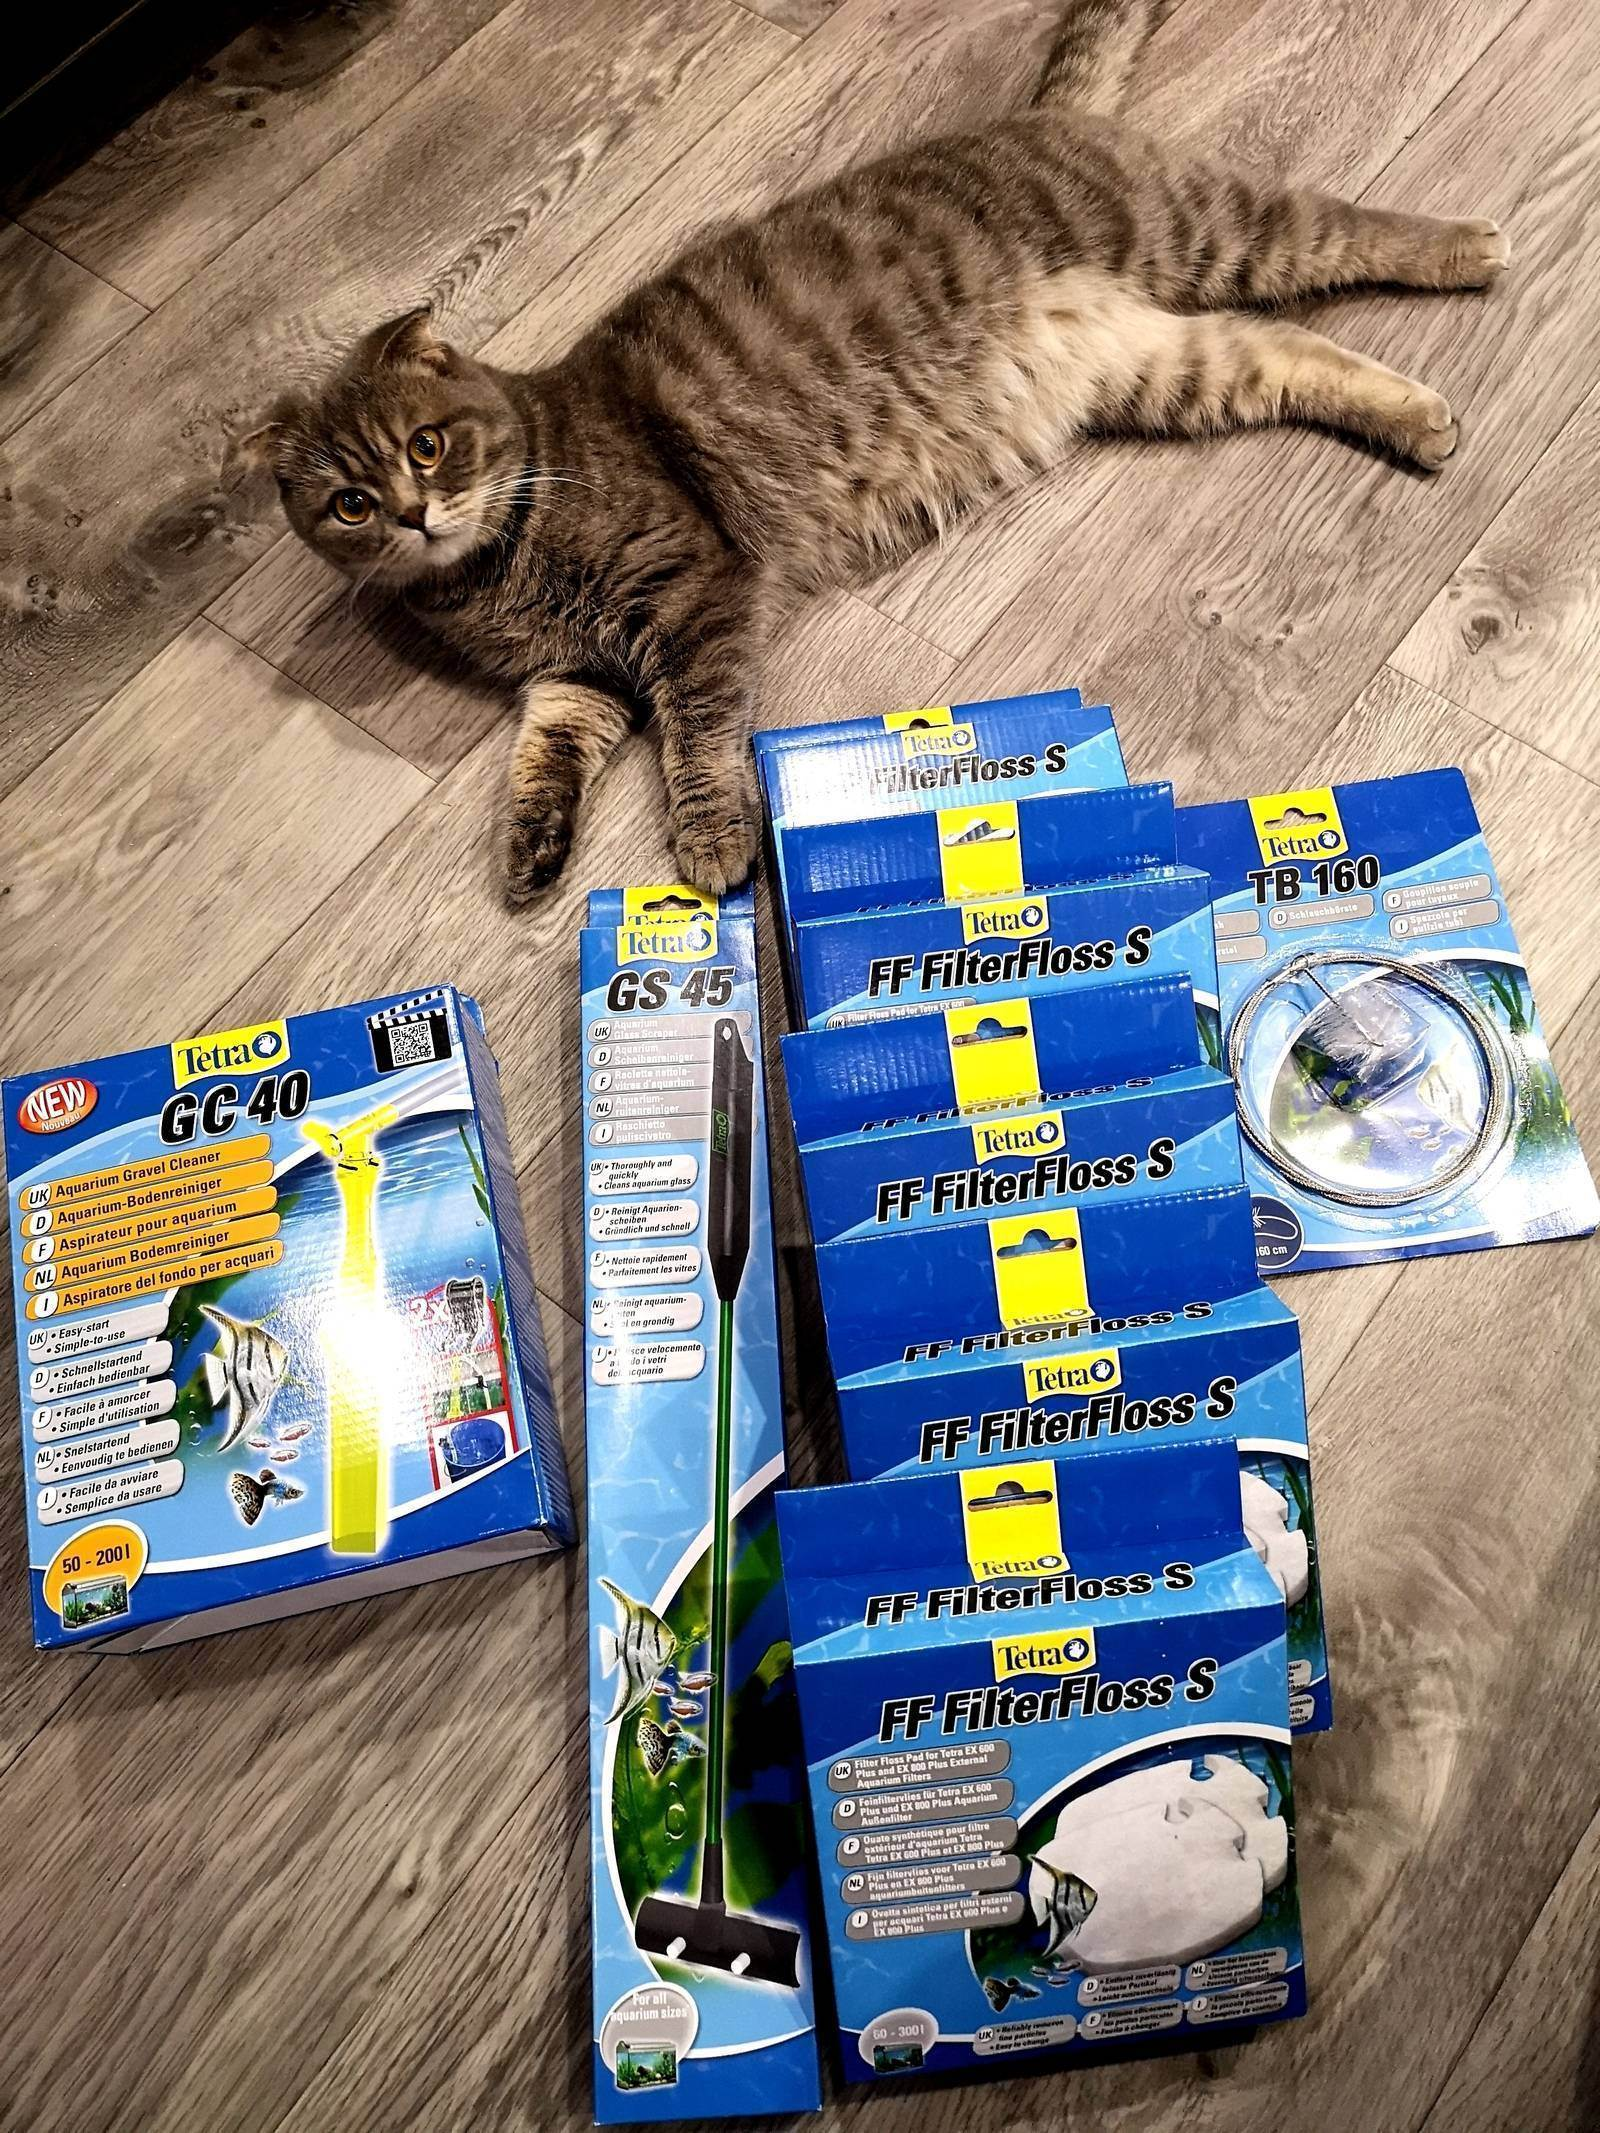 Аквариум для кошек онлайн. видео для кошек на мониторе – развлечение для пушистиков